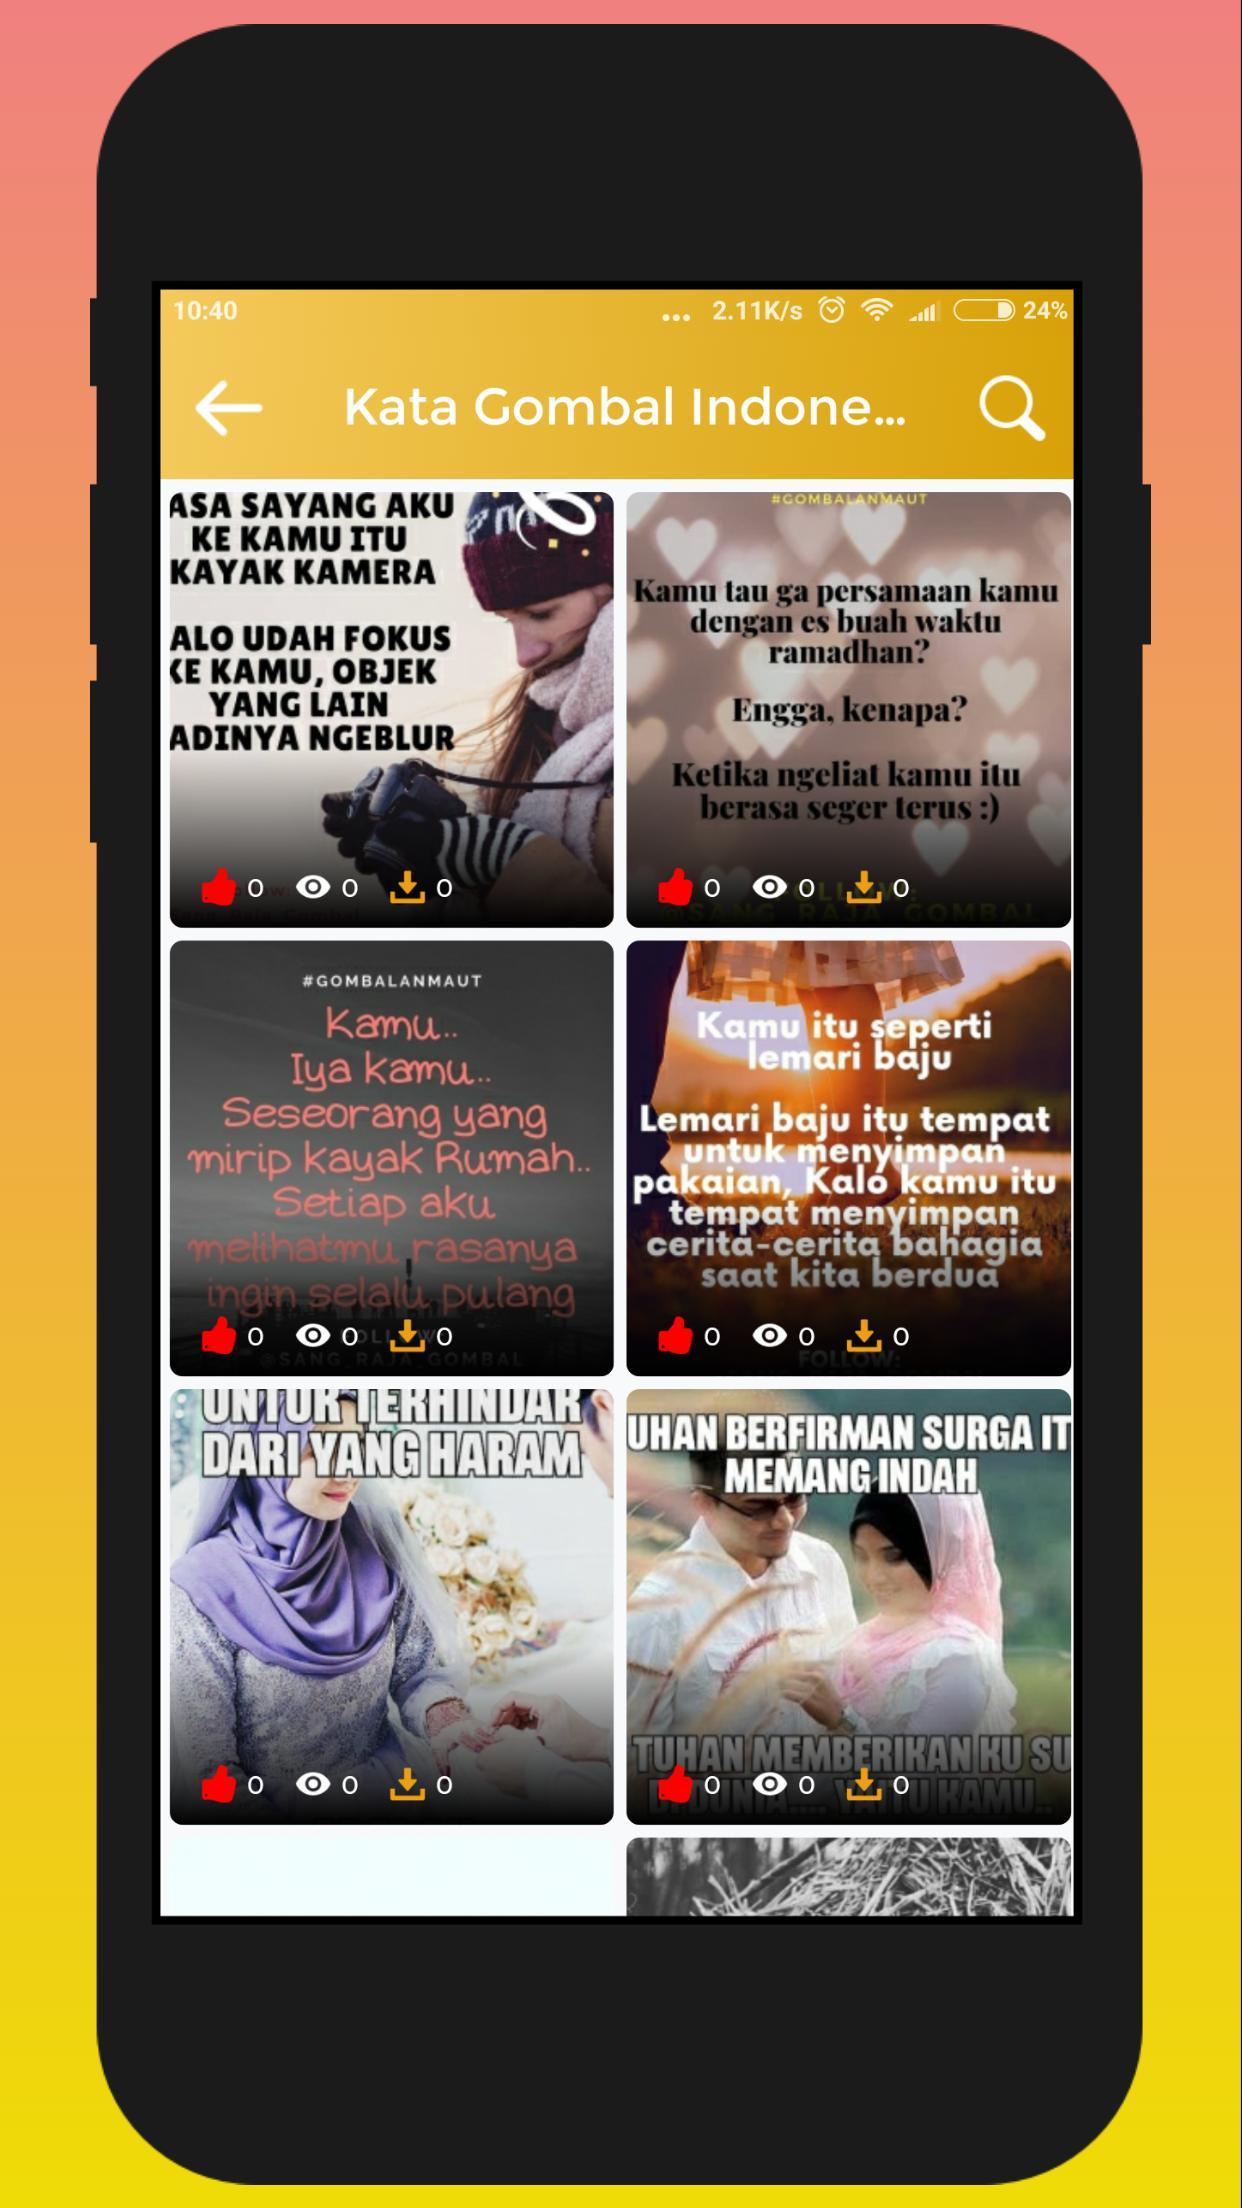 Kata Kata Gombal Romantis 2019 For Android Apk Download